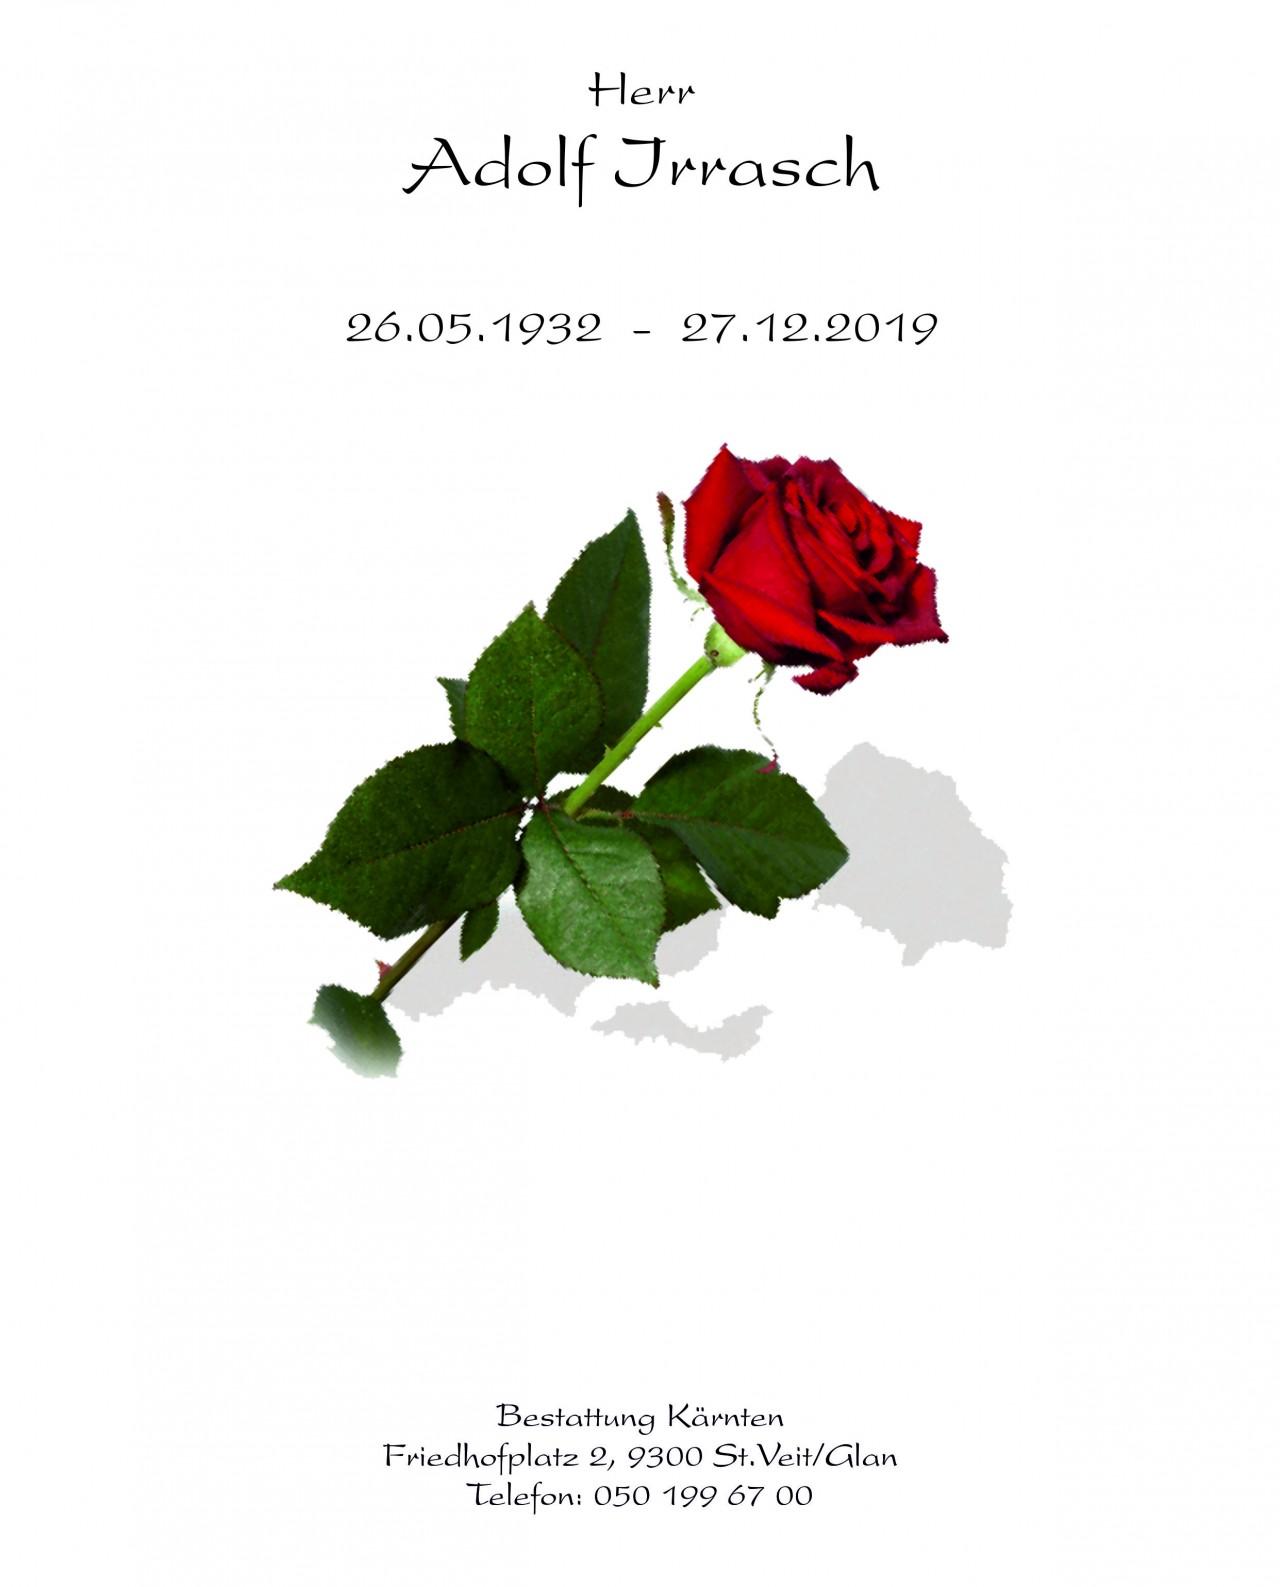 Parte für Adolf Irrasch pax · requiem